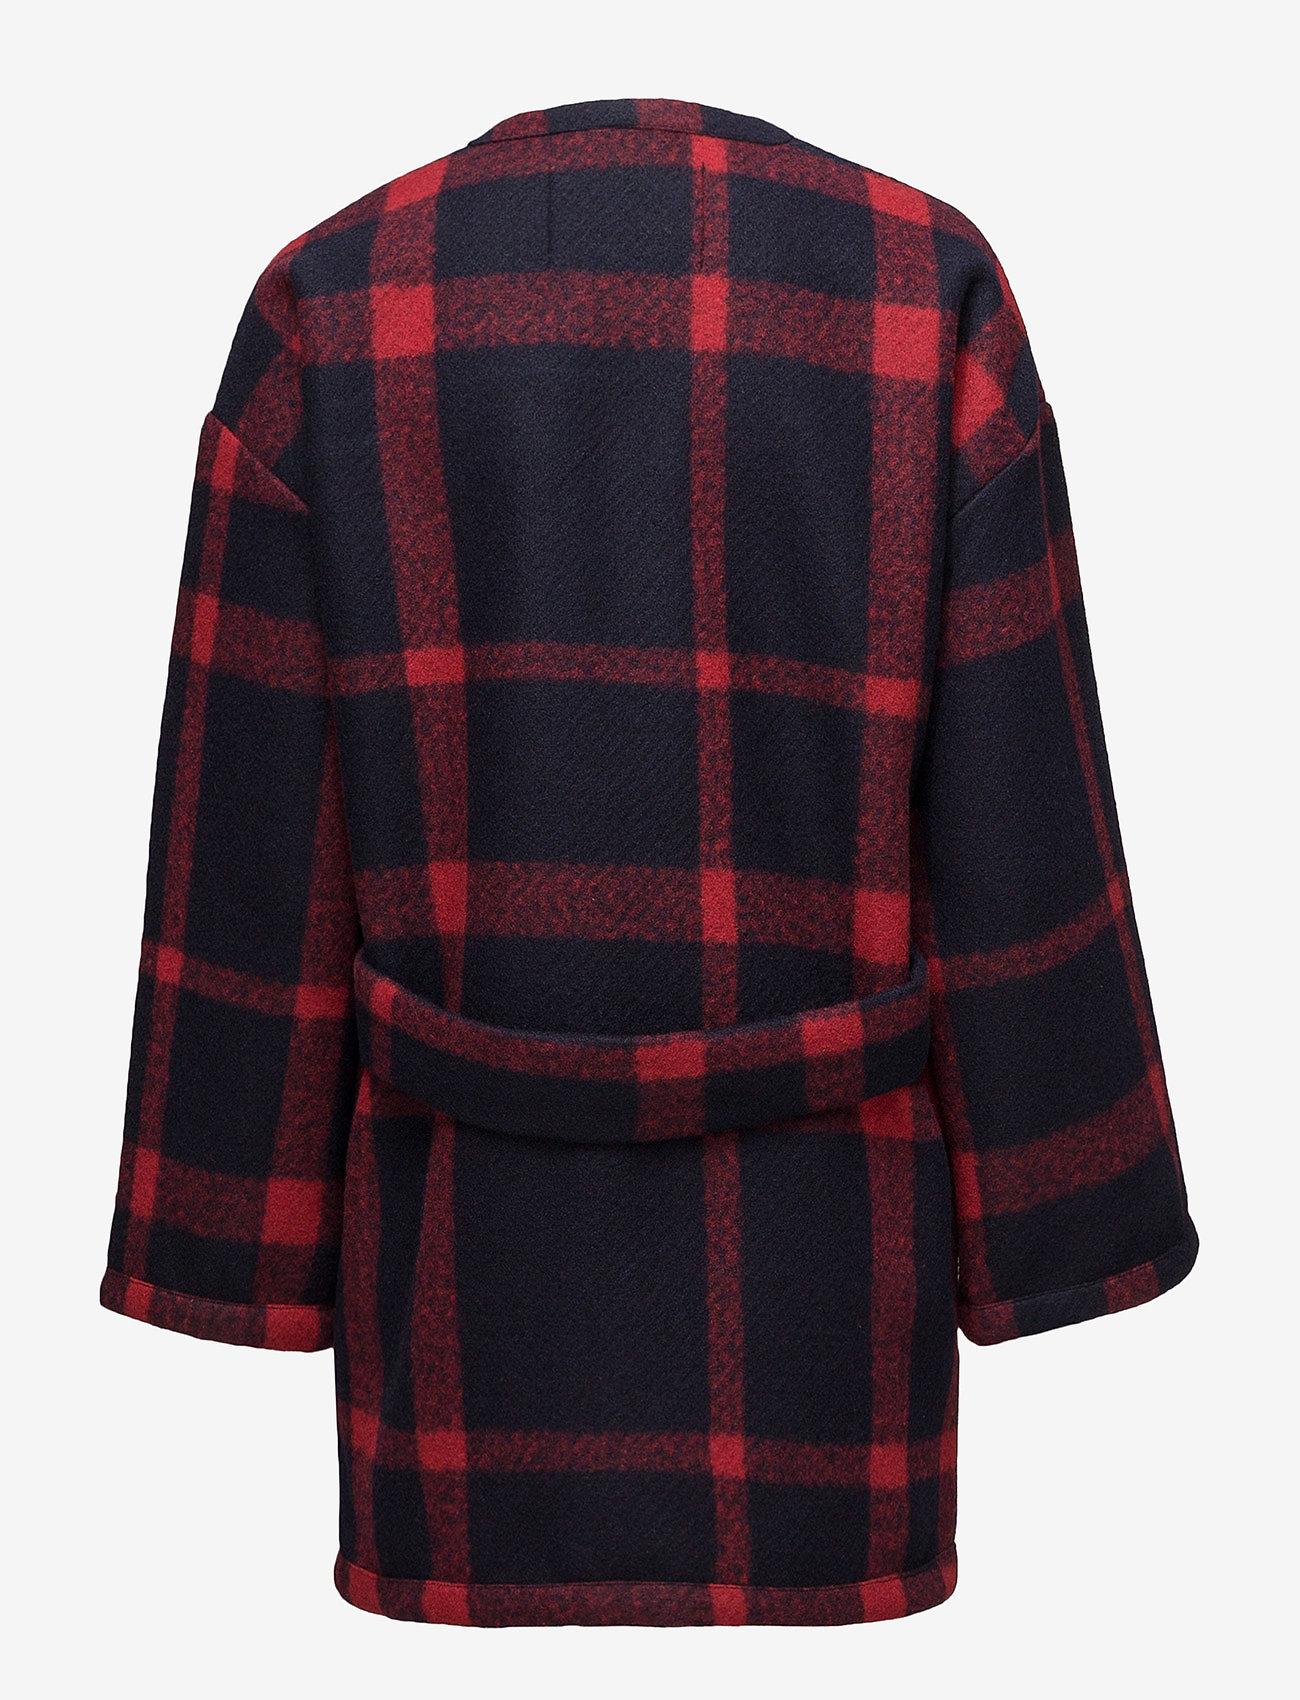 Stella Nova Cozy Coat - Jackets & Coats BLUE RED